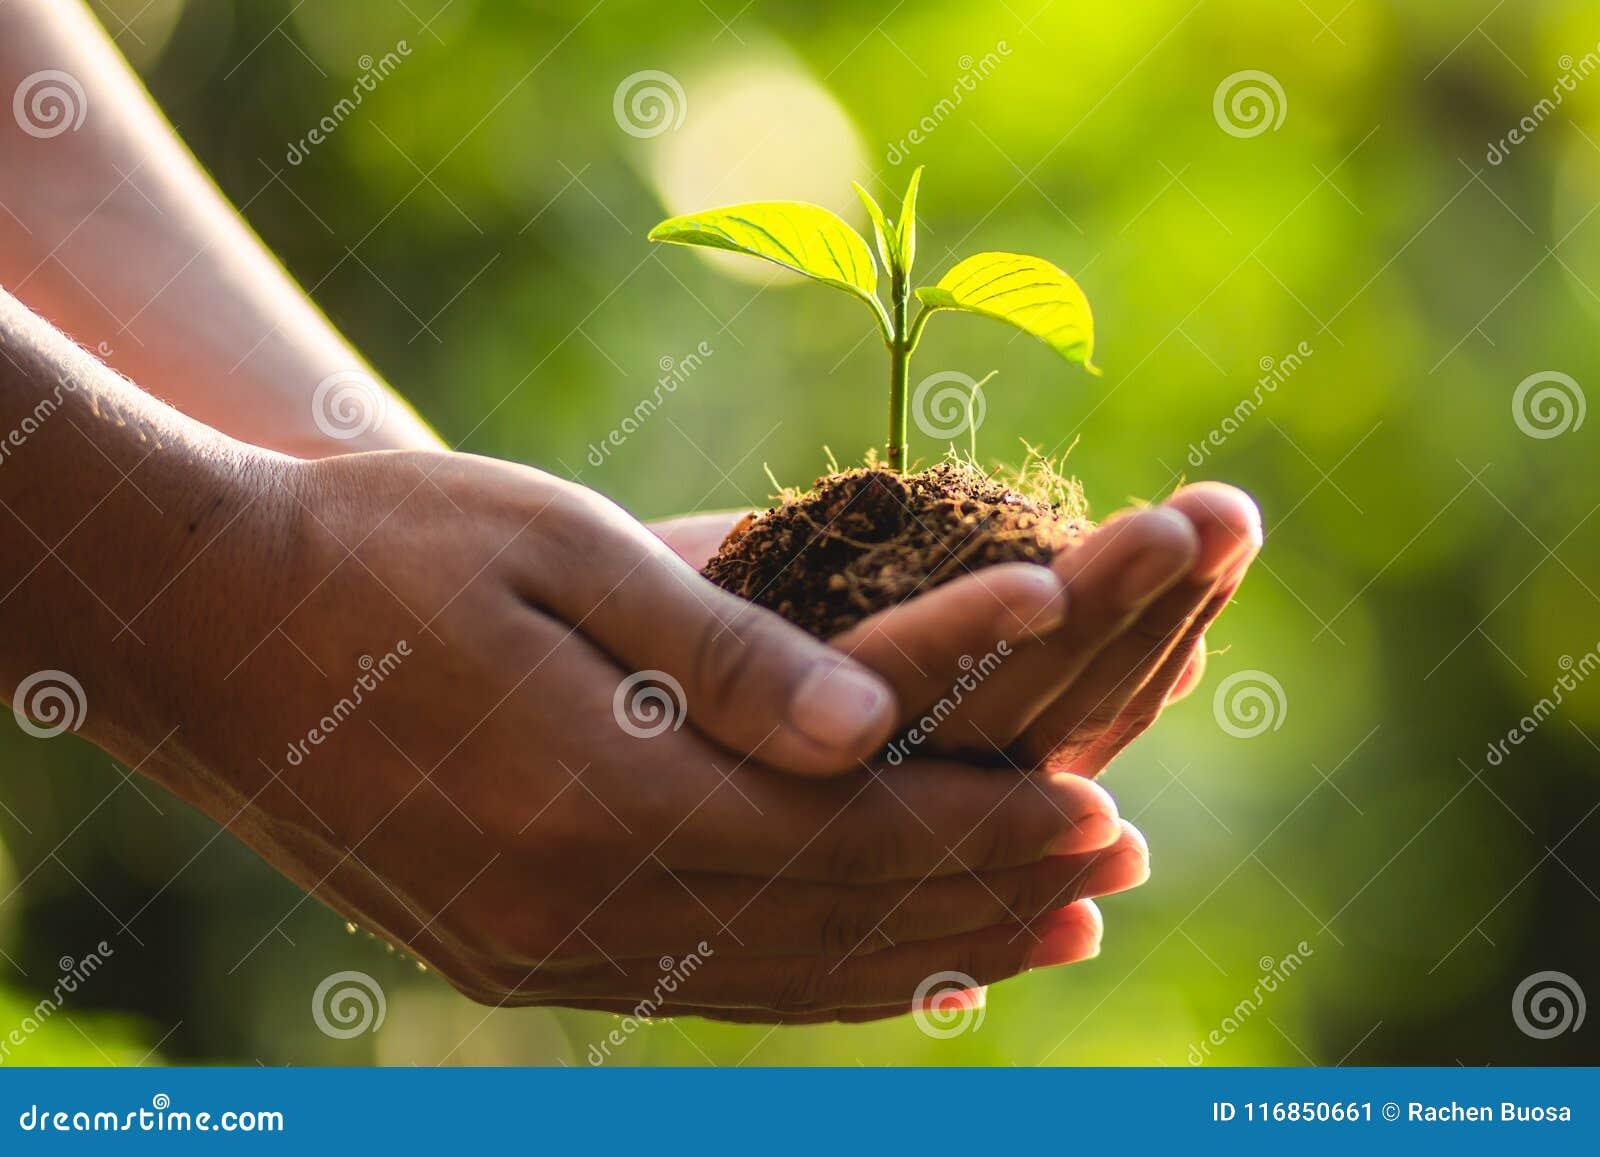 Plantant le monde d économies de soin d arbre d arbres, les mains protègent les jeunes plantes dans la nature et la lumière de la